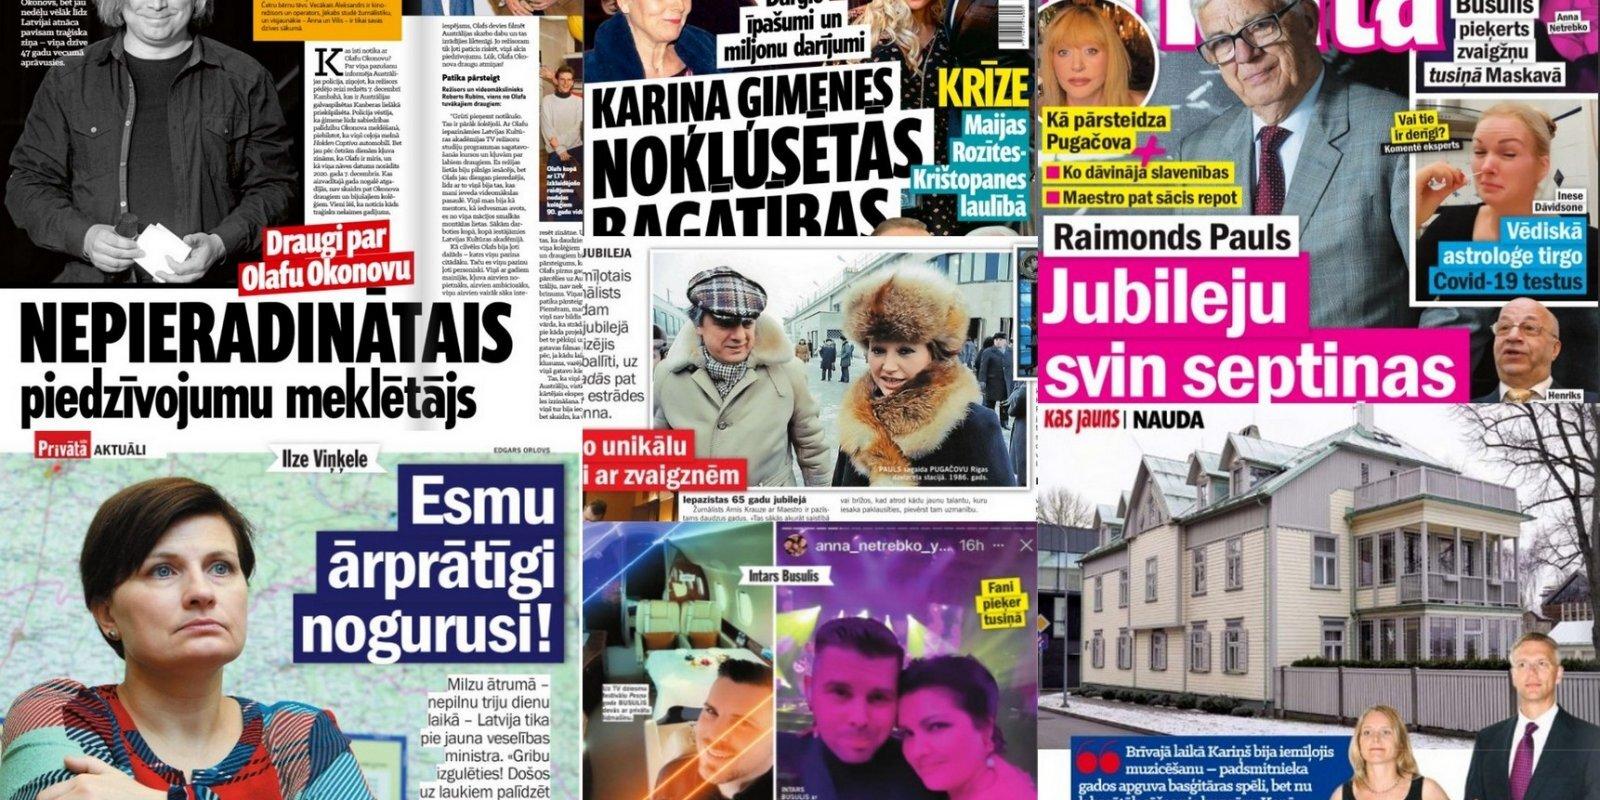 Тайное имущество жены Кариньша и Нетребко в Риге: о чем пишут латышские таблоиды